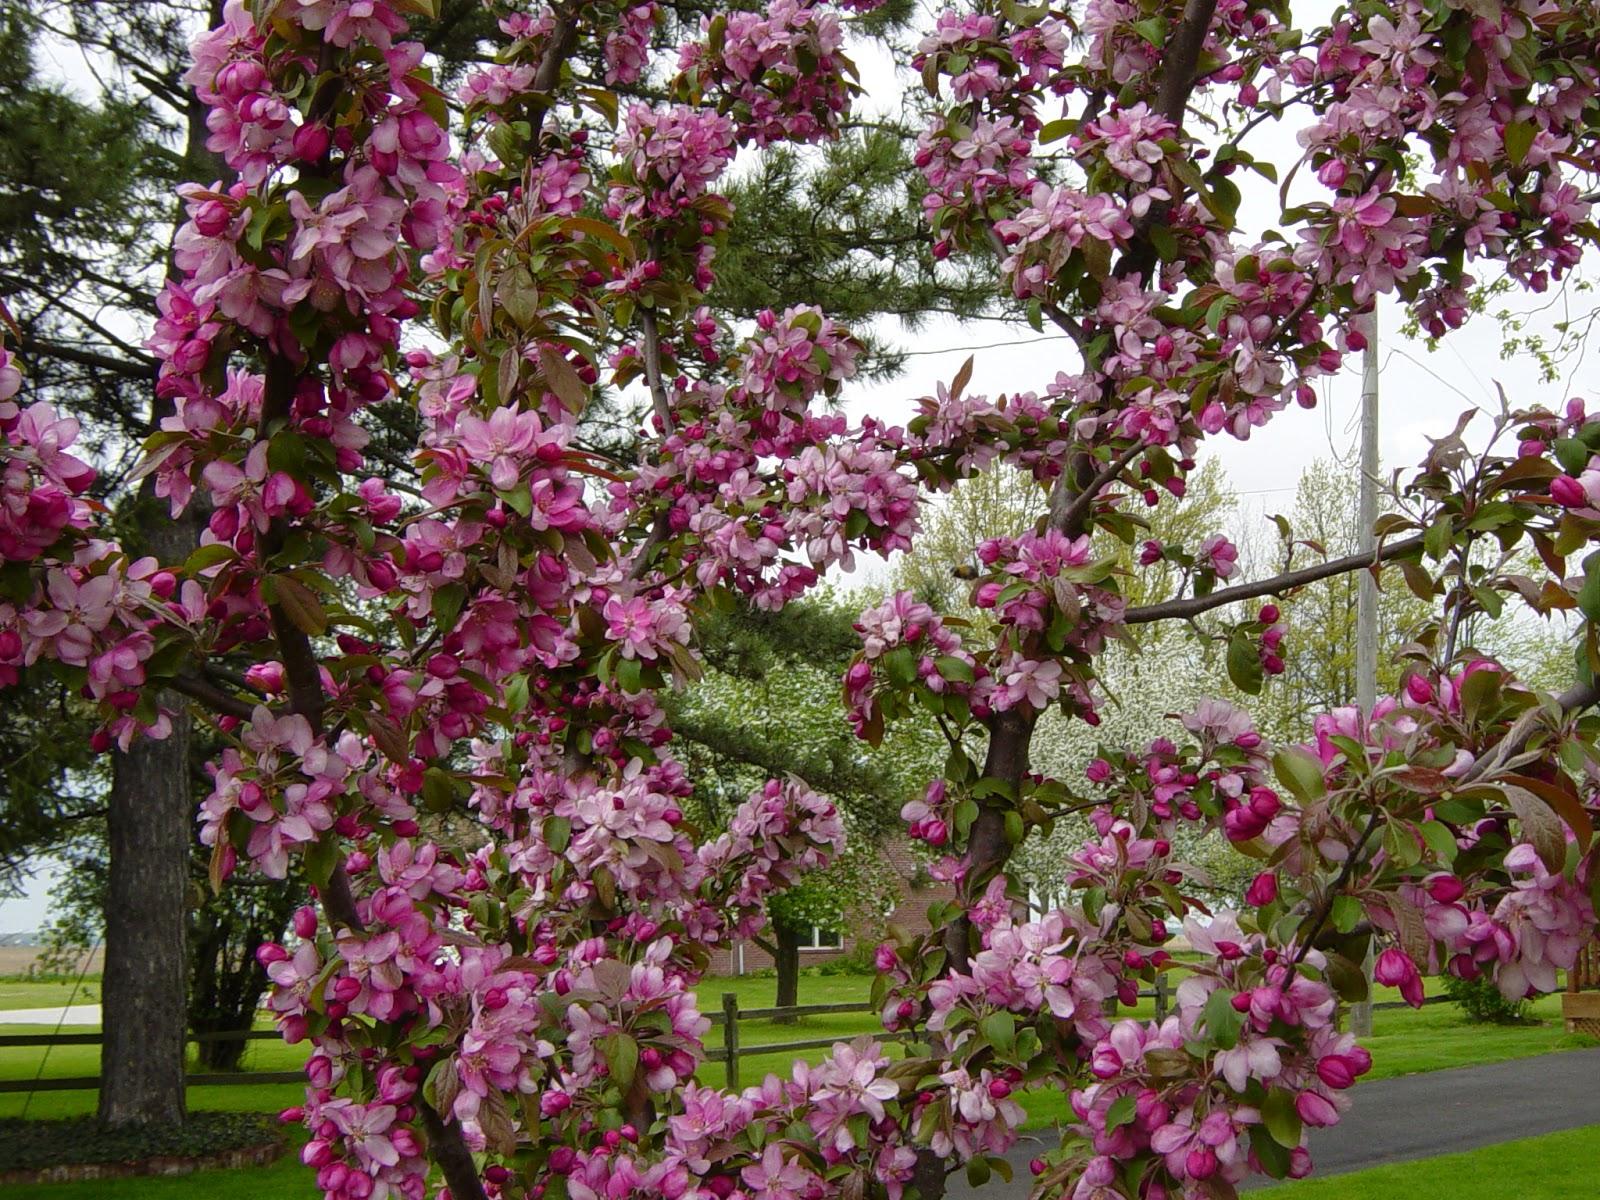 Shejunks Flowering Trees